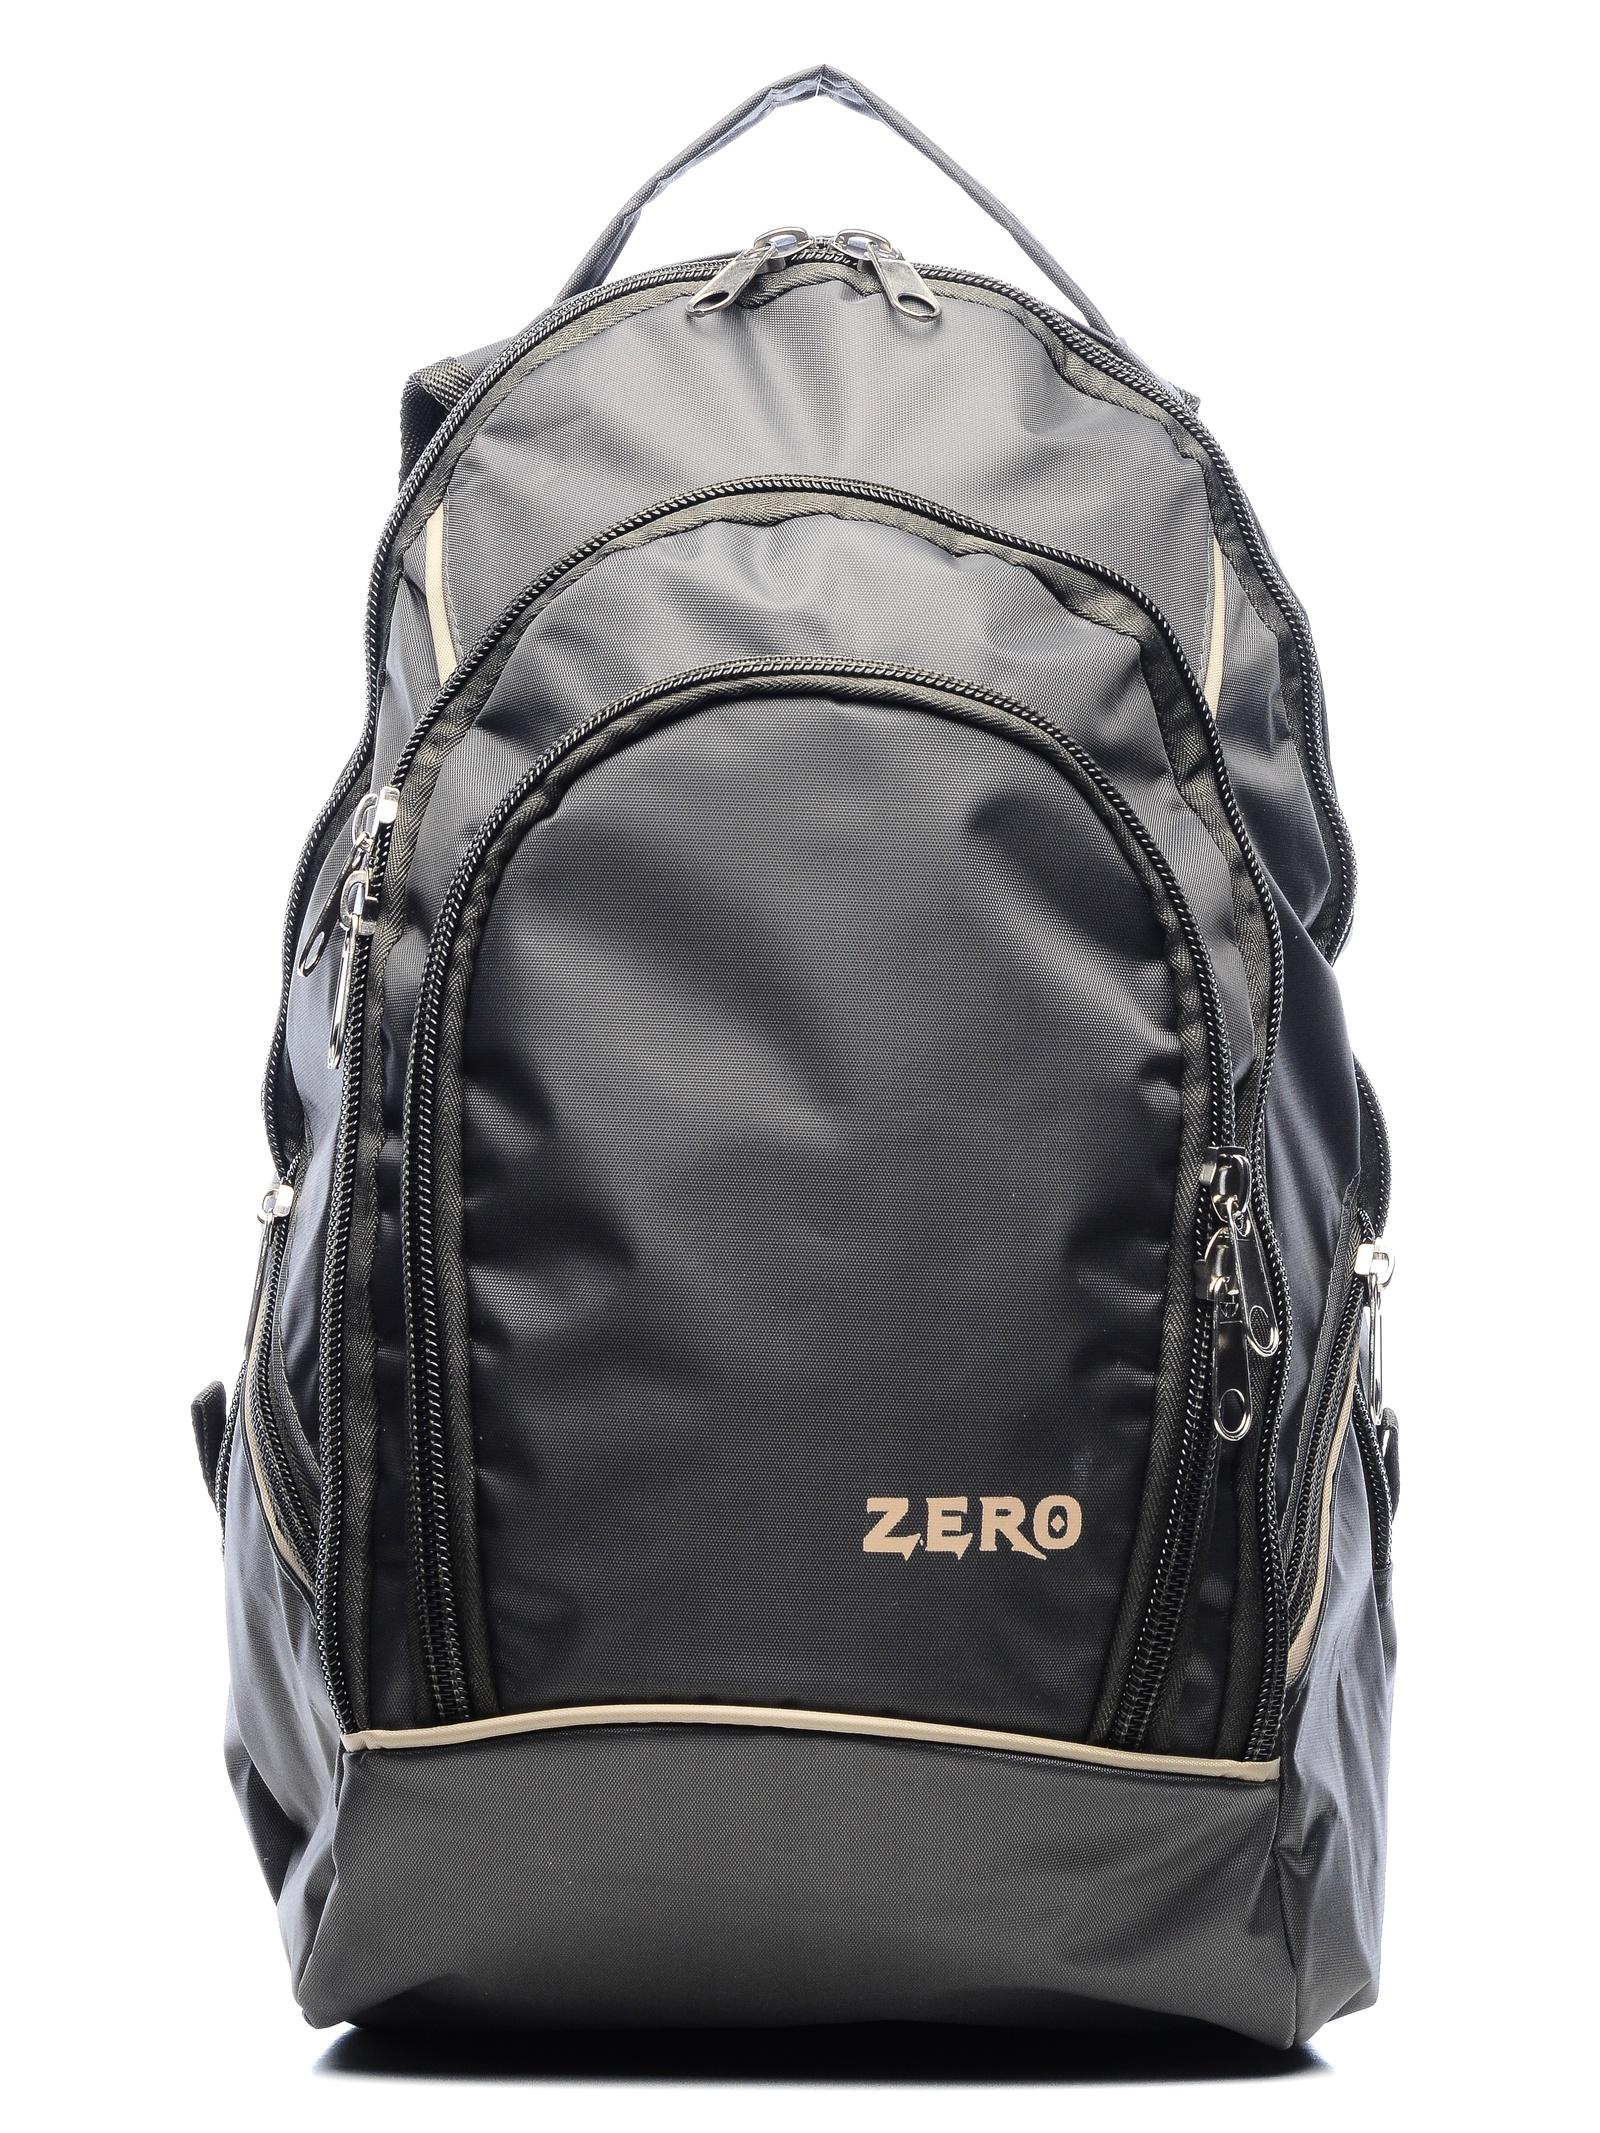 e3f72e607a37 Школьные рюкзаки и ранцы AST - каталог цен, где купить в  интернет-магазинах: продажа, характеристики, описания, сравнение   E-Katalog